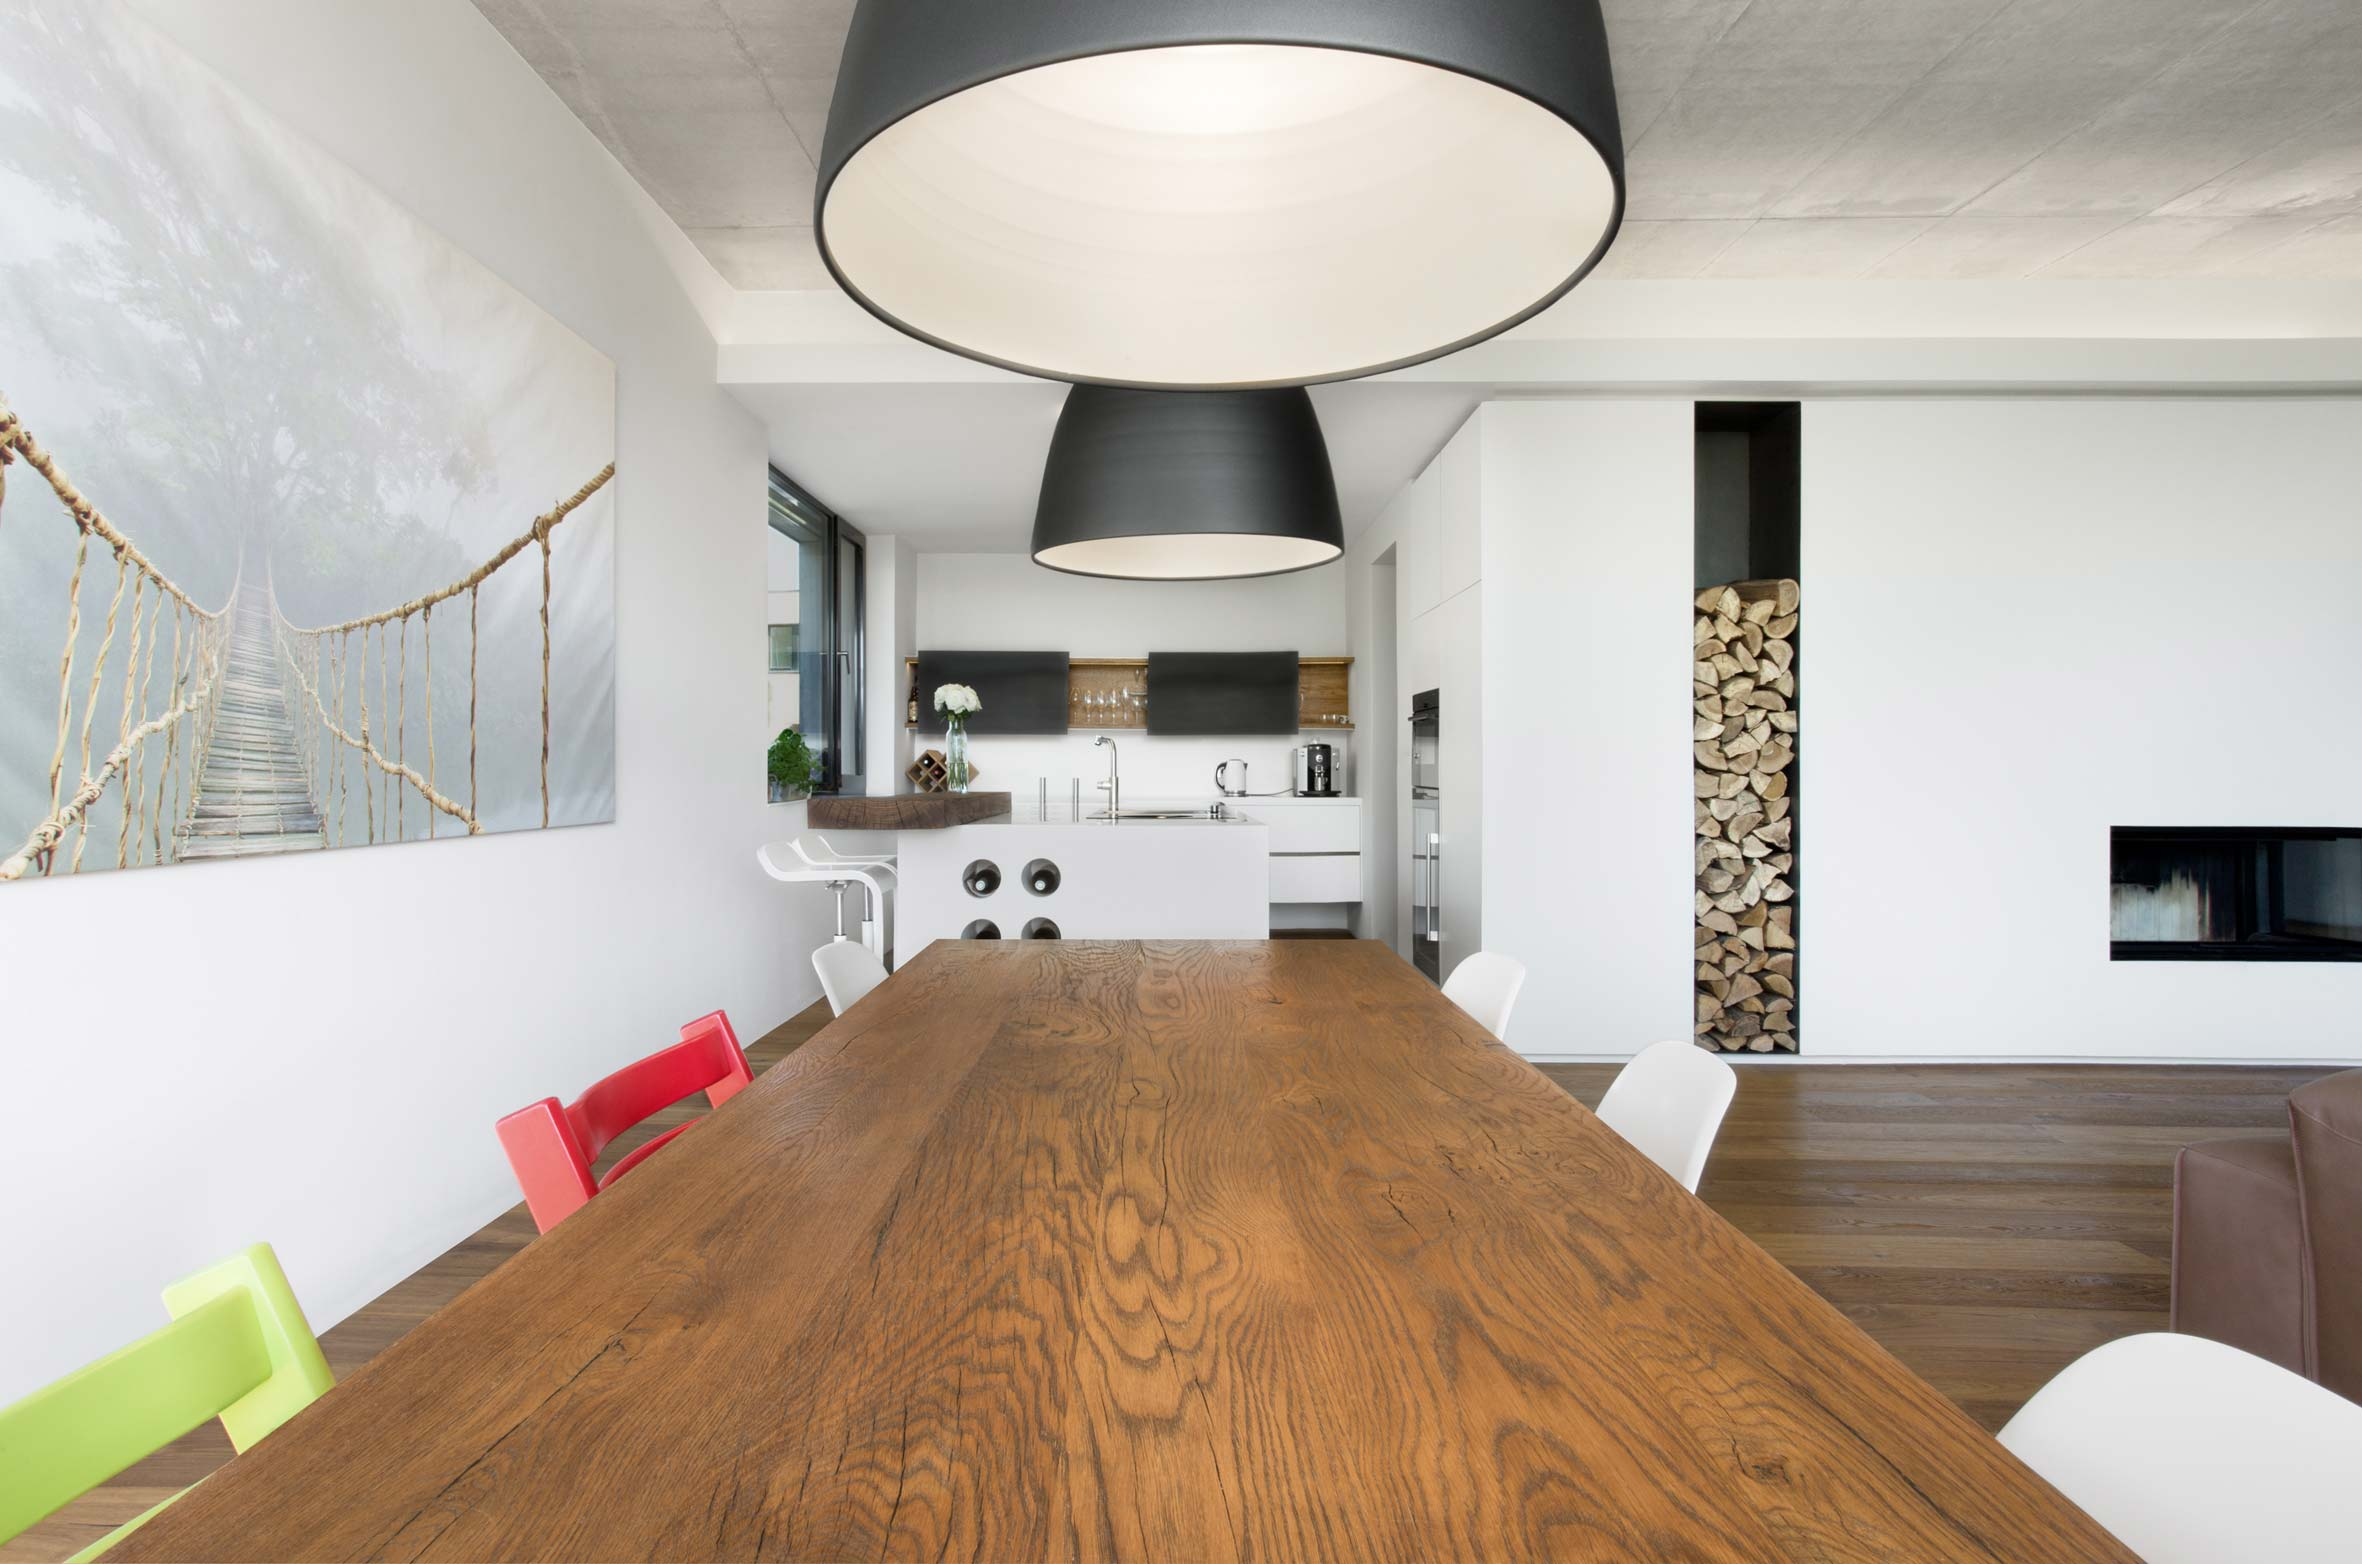 plan 3 kuchyně / Vše od luxusní kuchyně po nábytek do celého interiéru / Architektura v detailu